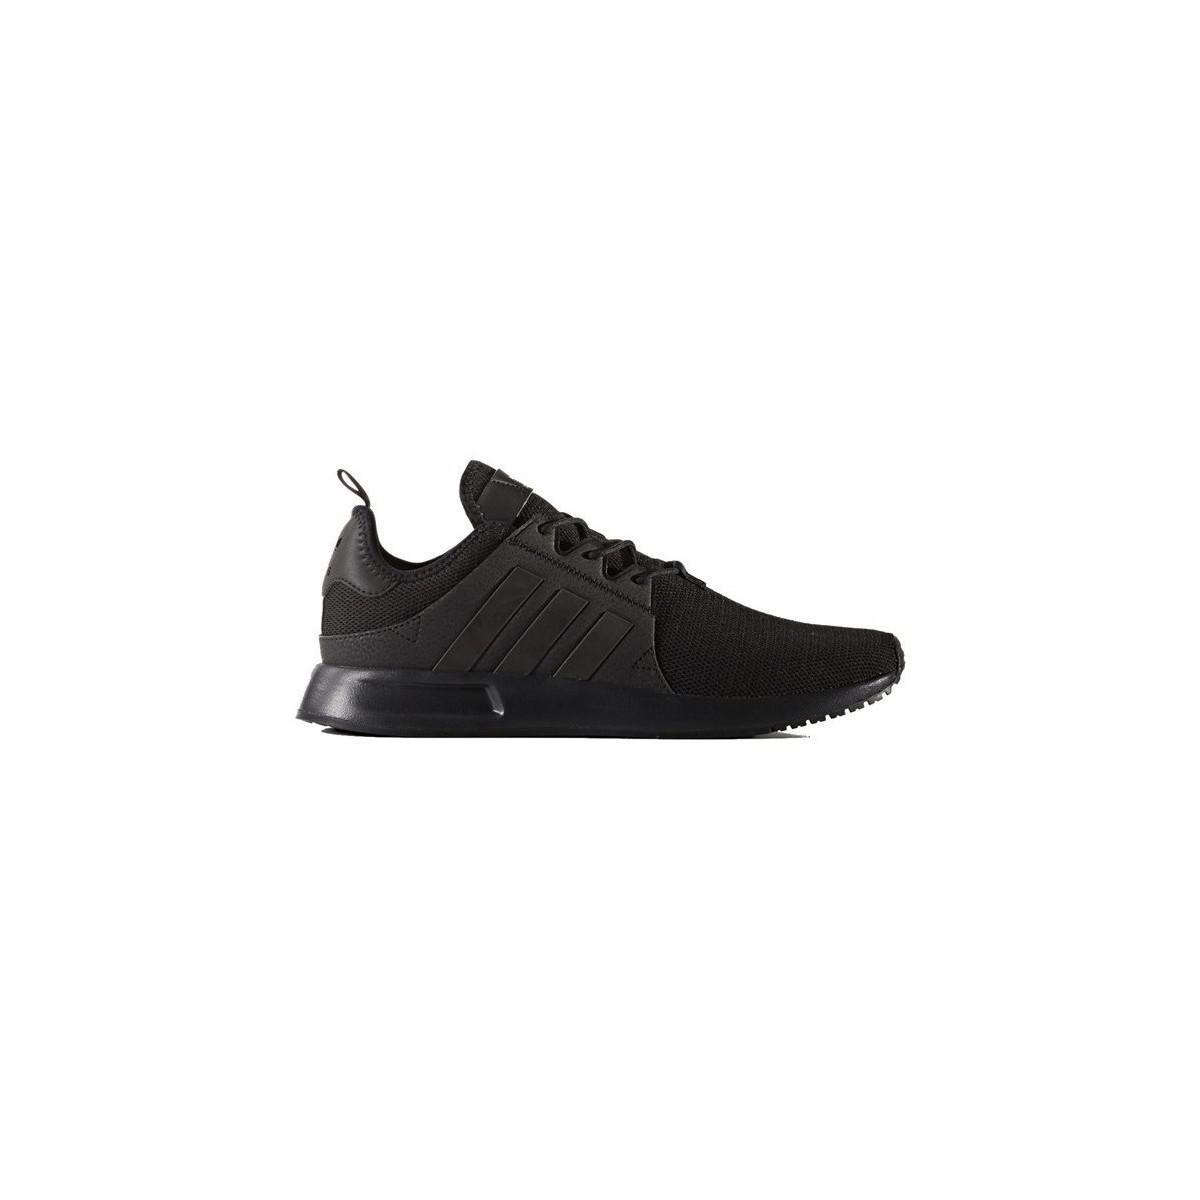 Lyst adidas xplr scarpe da uomo (formatori) in nero in nero per gli uomini.